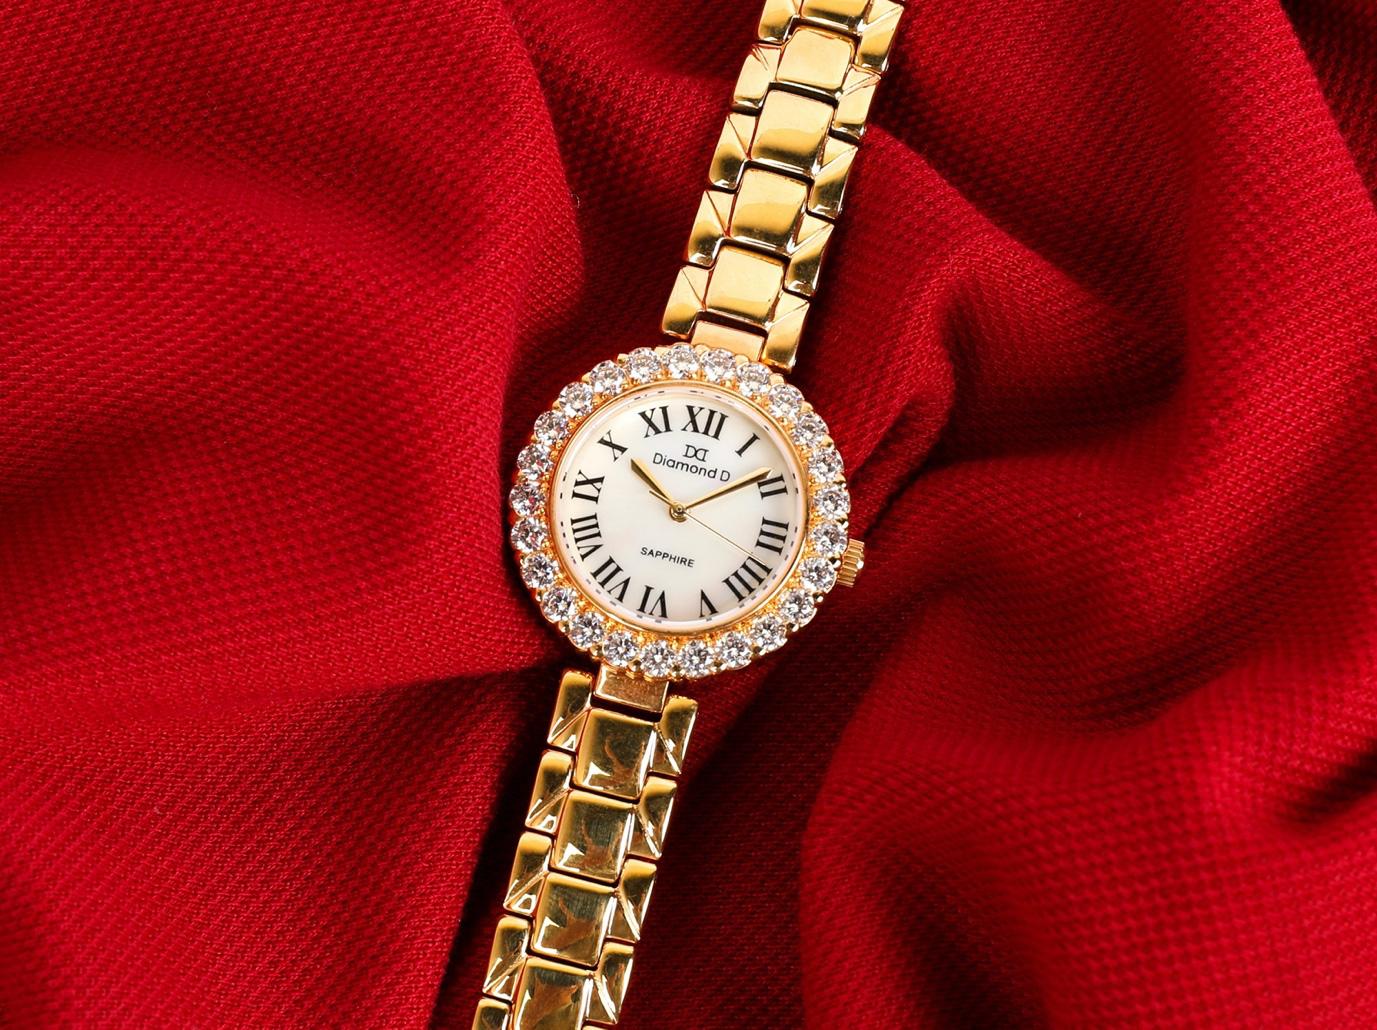 Sành điệu mùa lễ hội với đồng hồ, kính mắt chính hãng ưu đãi lên đến 50% tại Đăng Quang Watch - Ảnh 1.